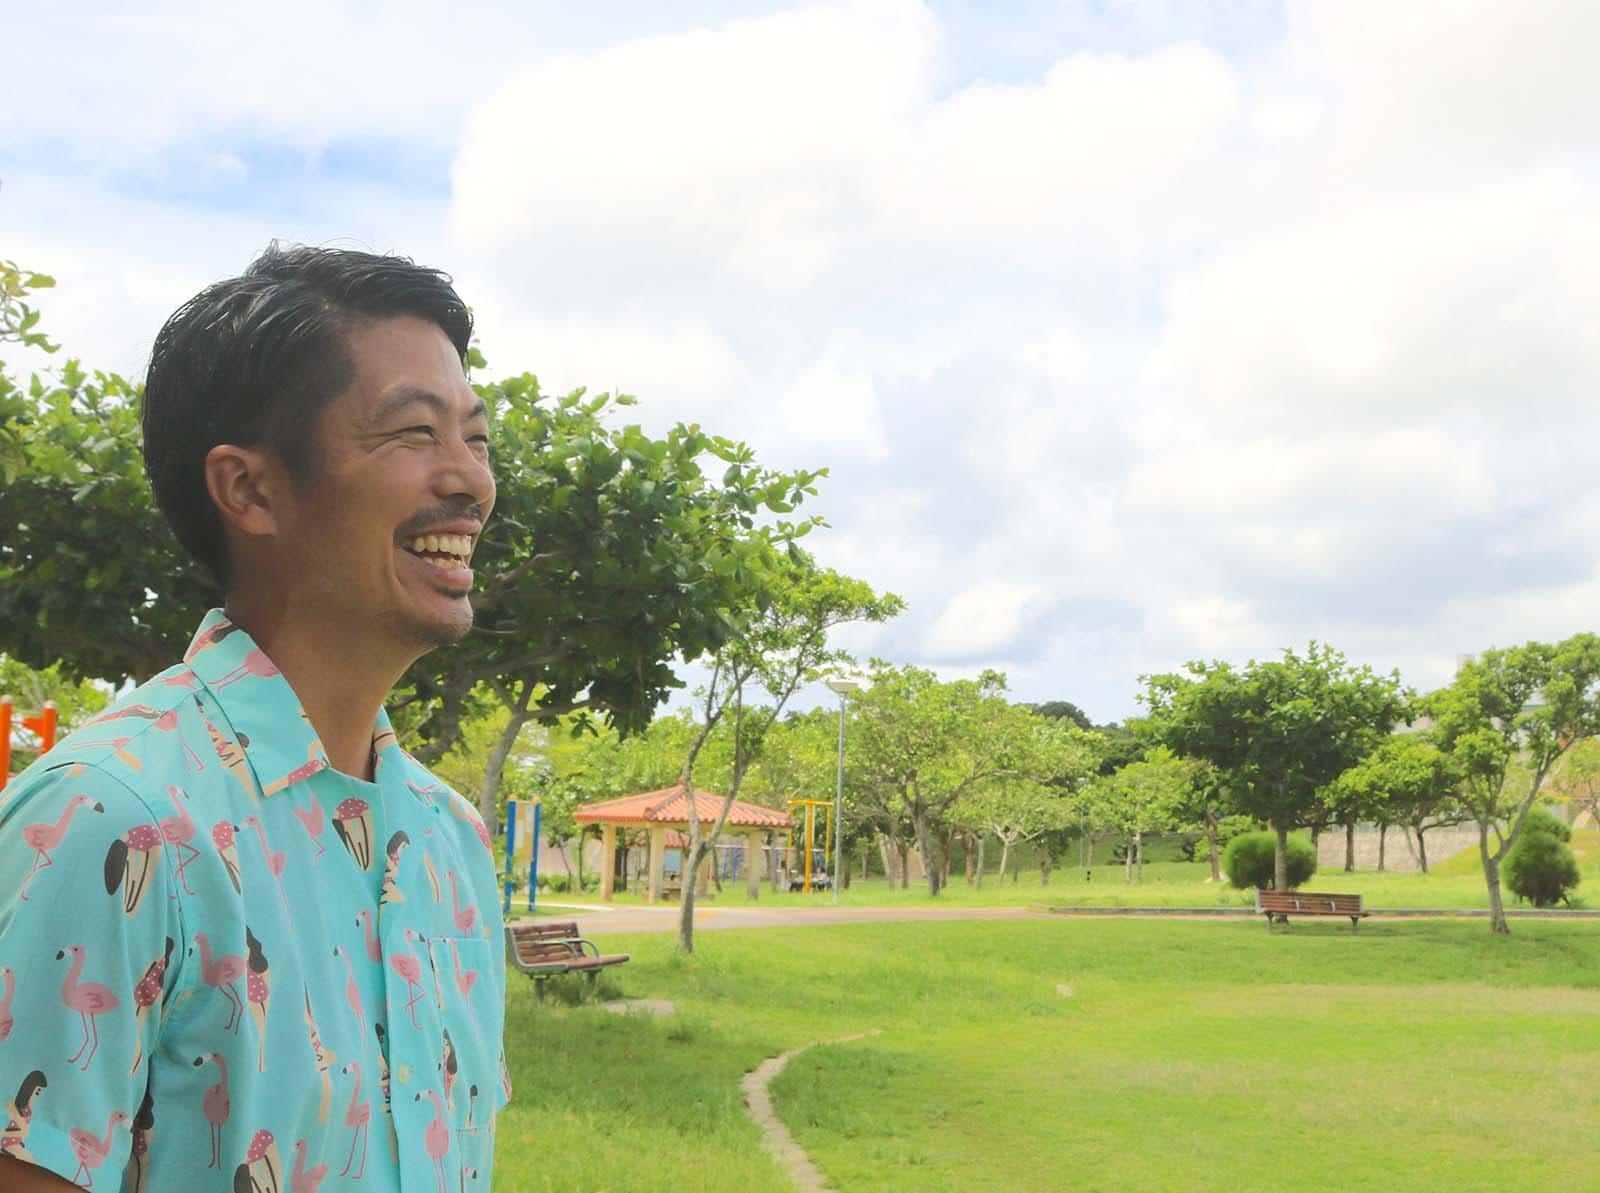 「結婚して良かった。育児休暇を1年取って良かった。」石川さんの心からの声だ。